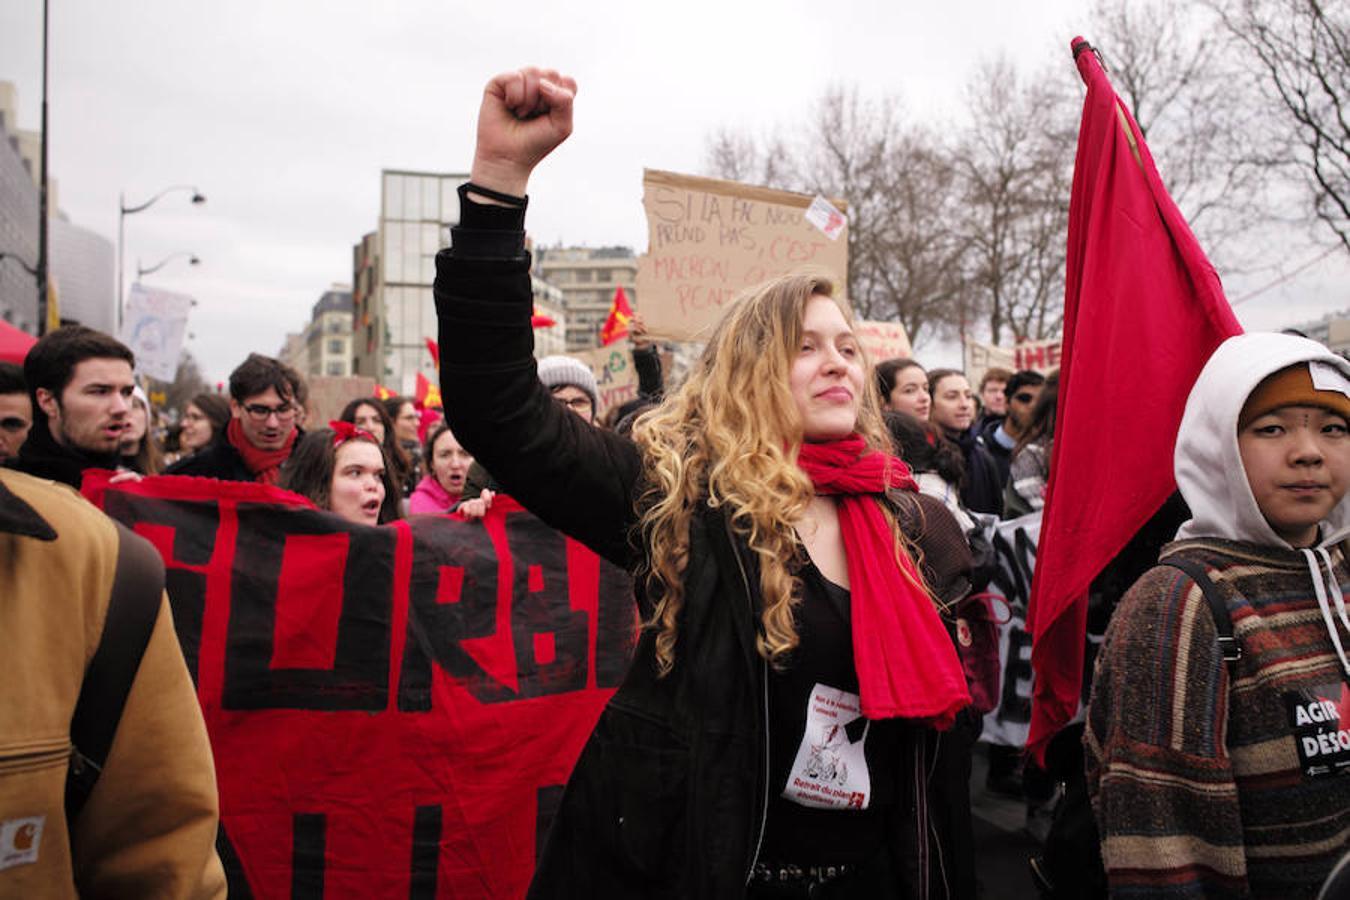 Huelga contra la política económica de Macron, en imágenes